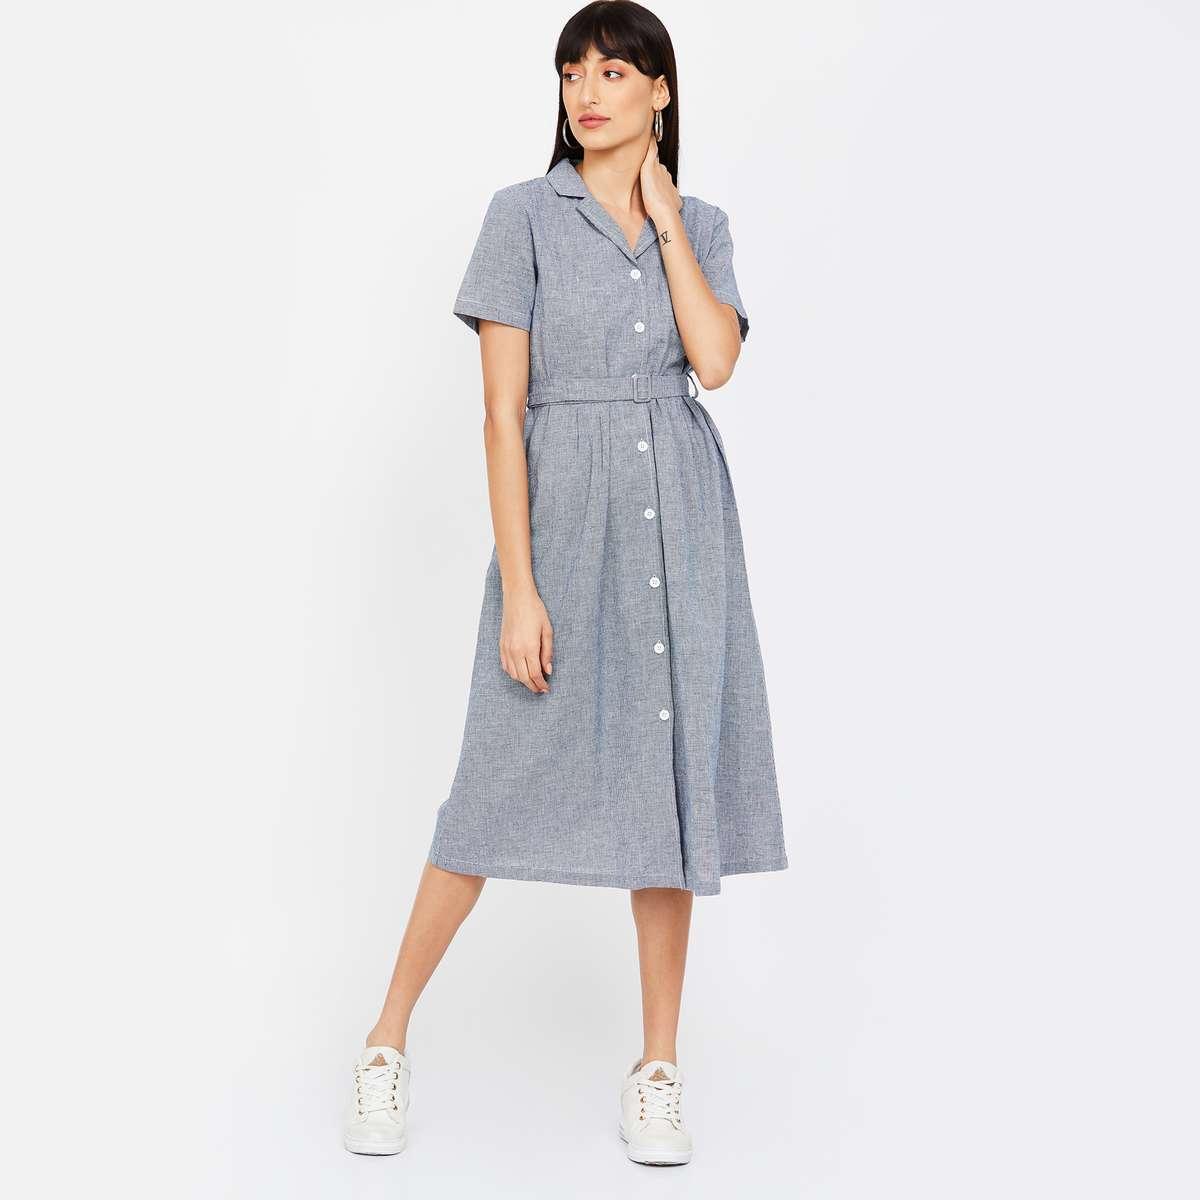 5.BOSSINI Textured Midi Dress